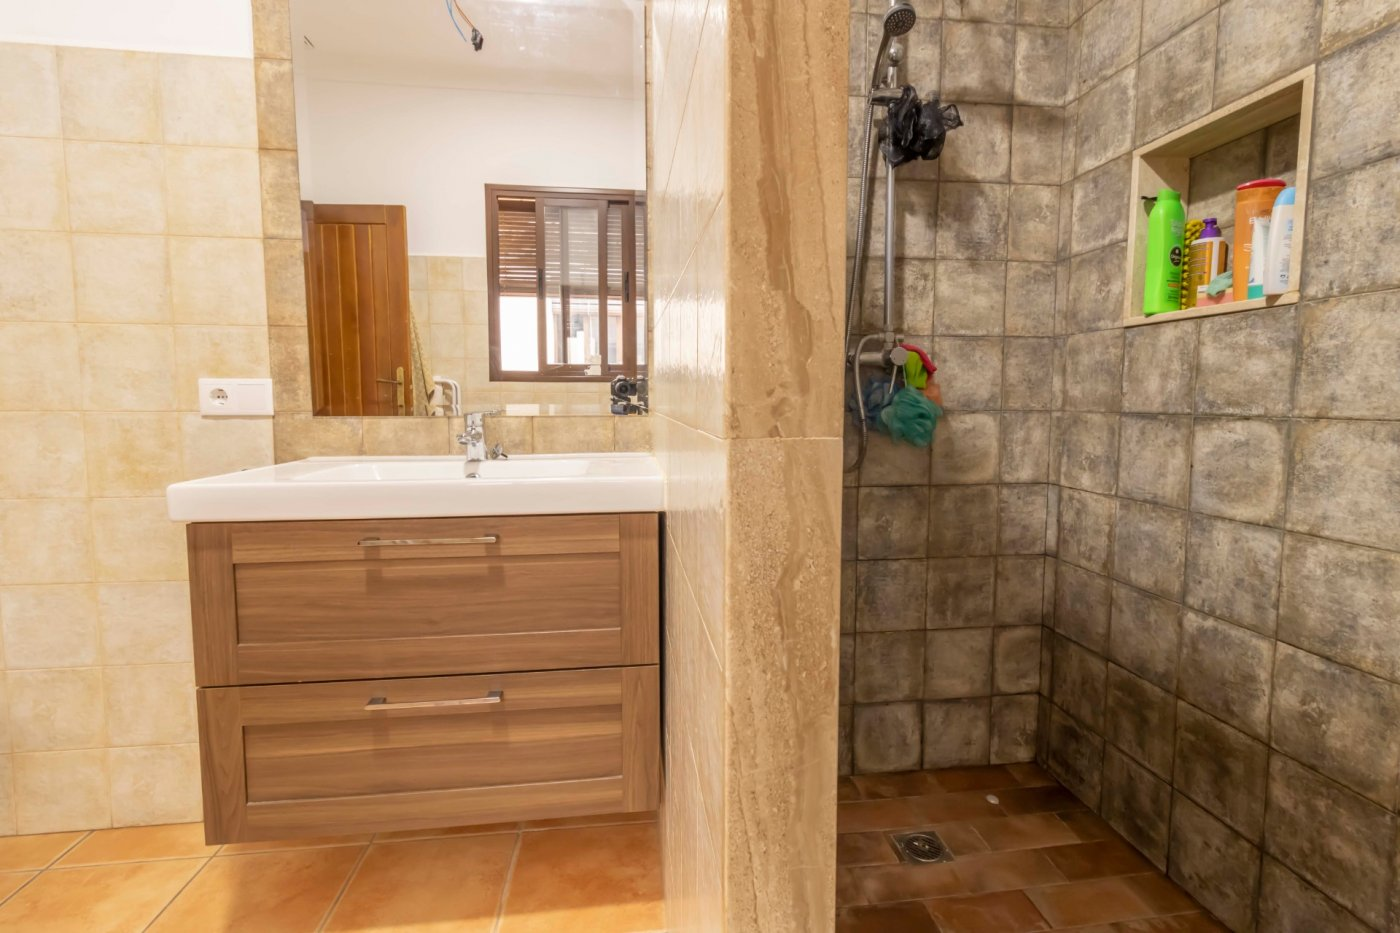 Casa de reciente construccion a la venta en carmona - imagenInmueble27